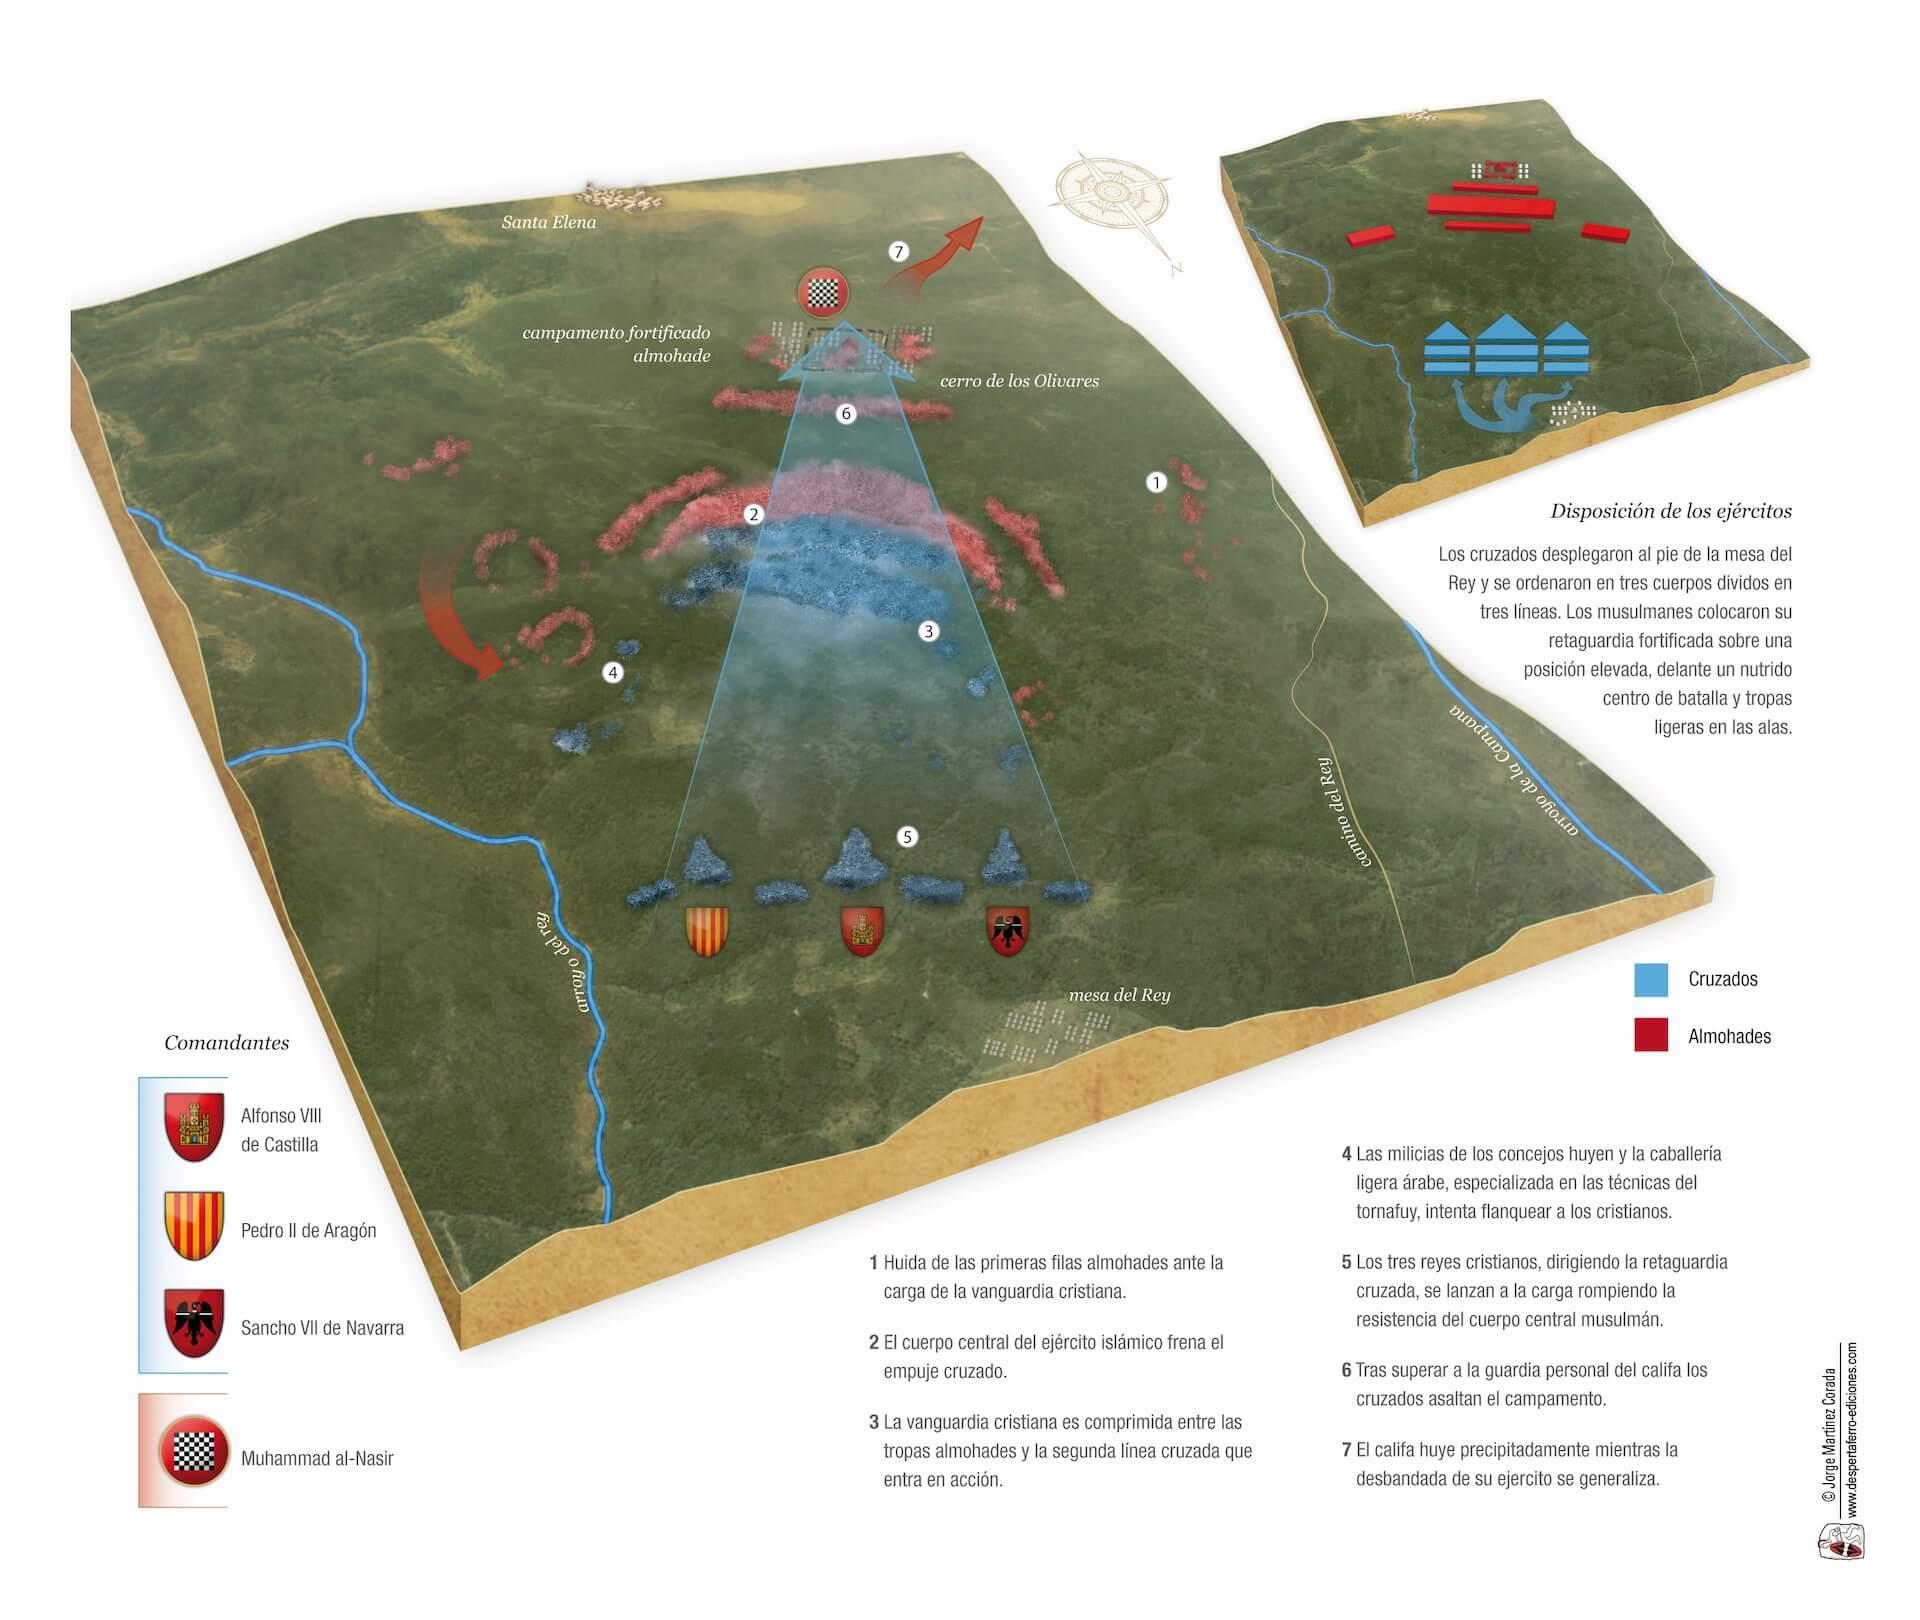 Mapa batalla de las navas de tolosa